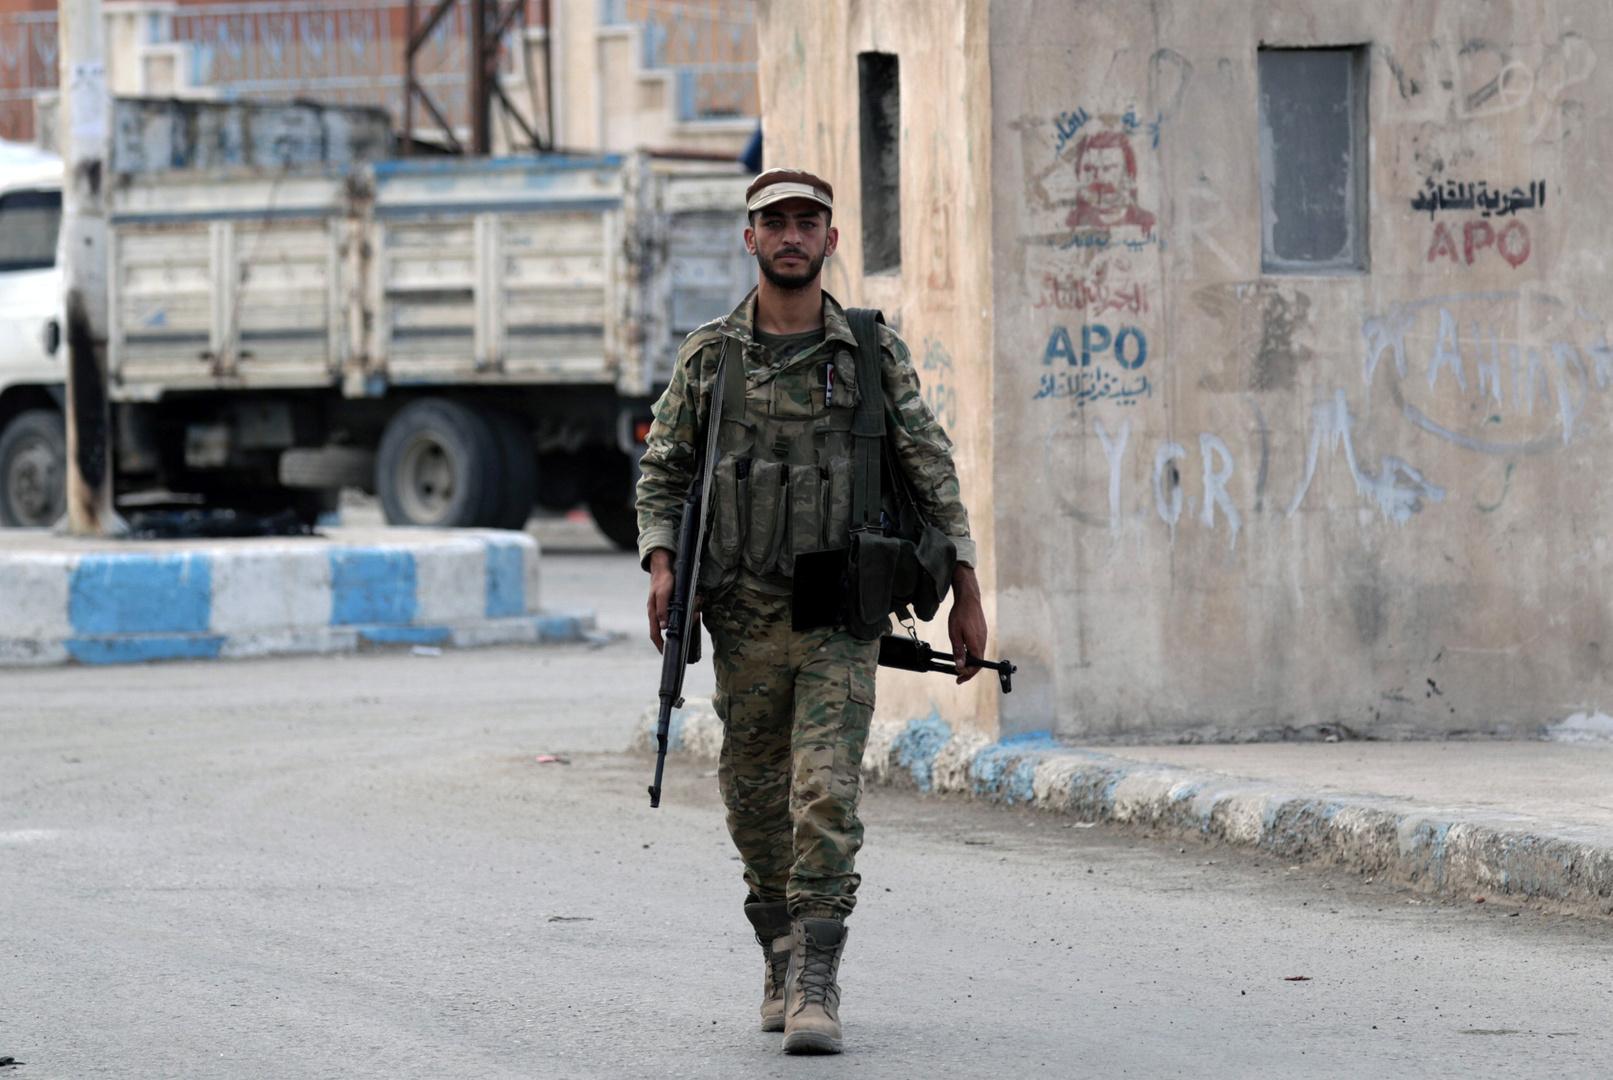 وحدات حماية الشعب الكردية: لم نهاجم